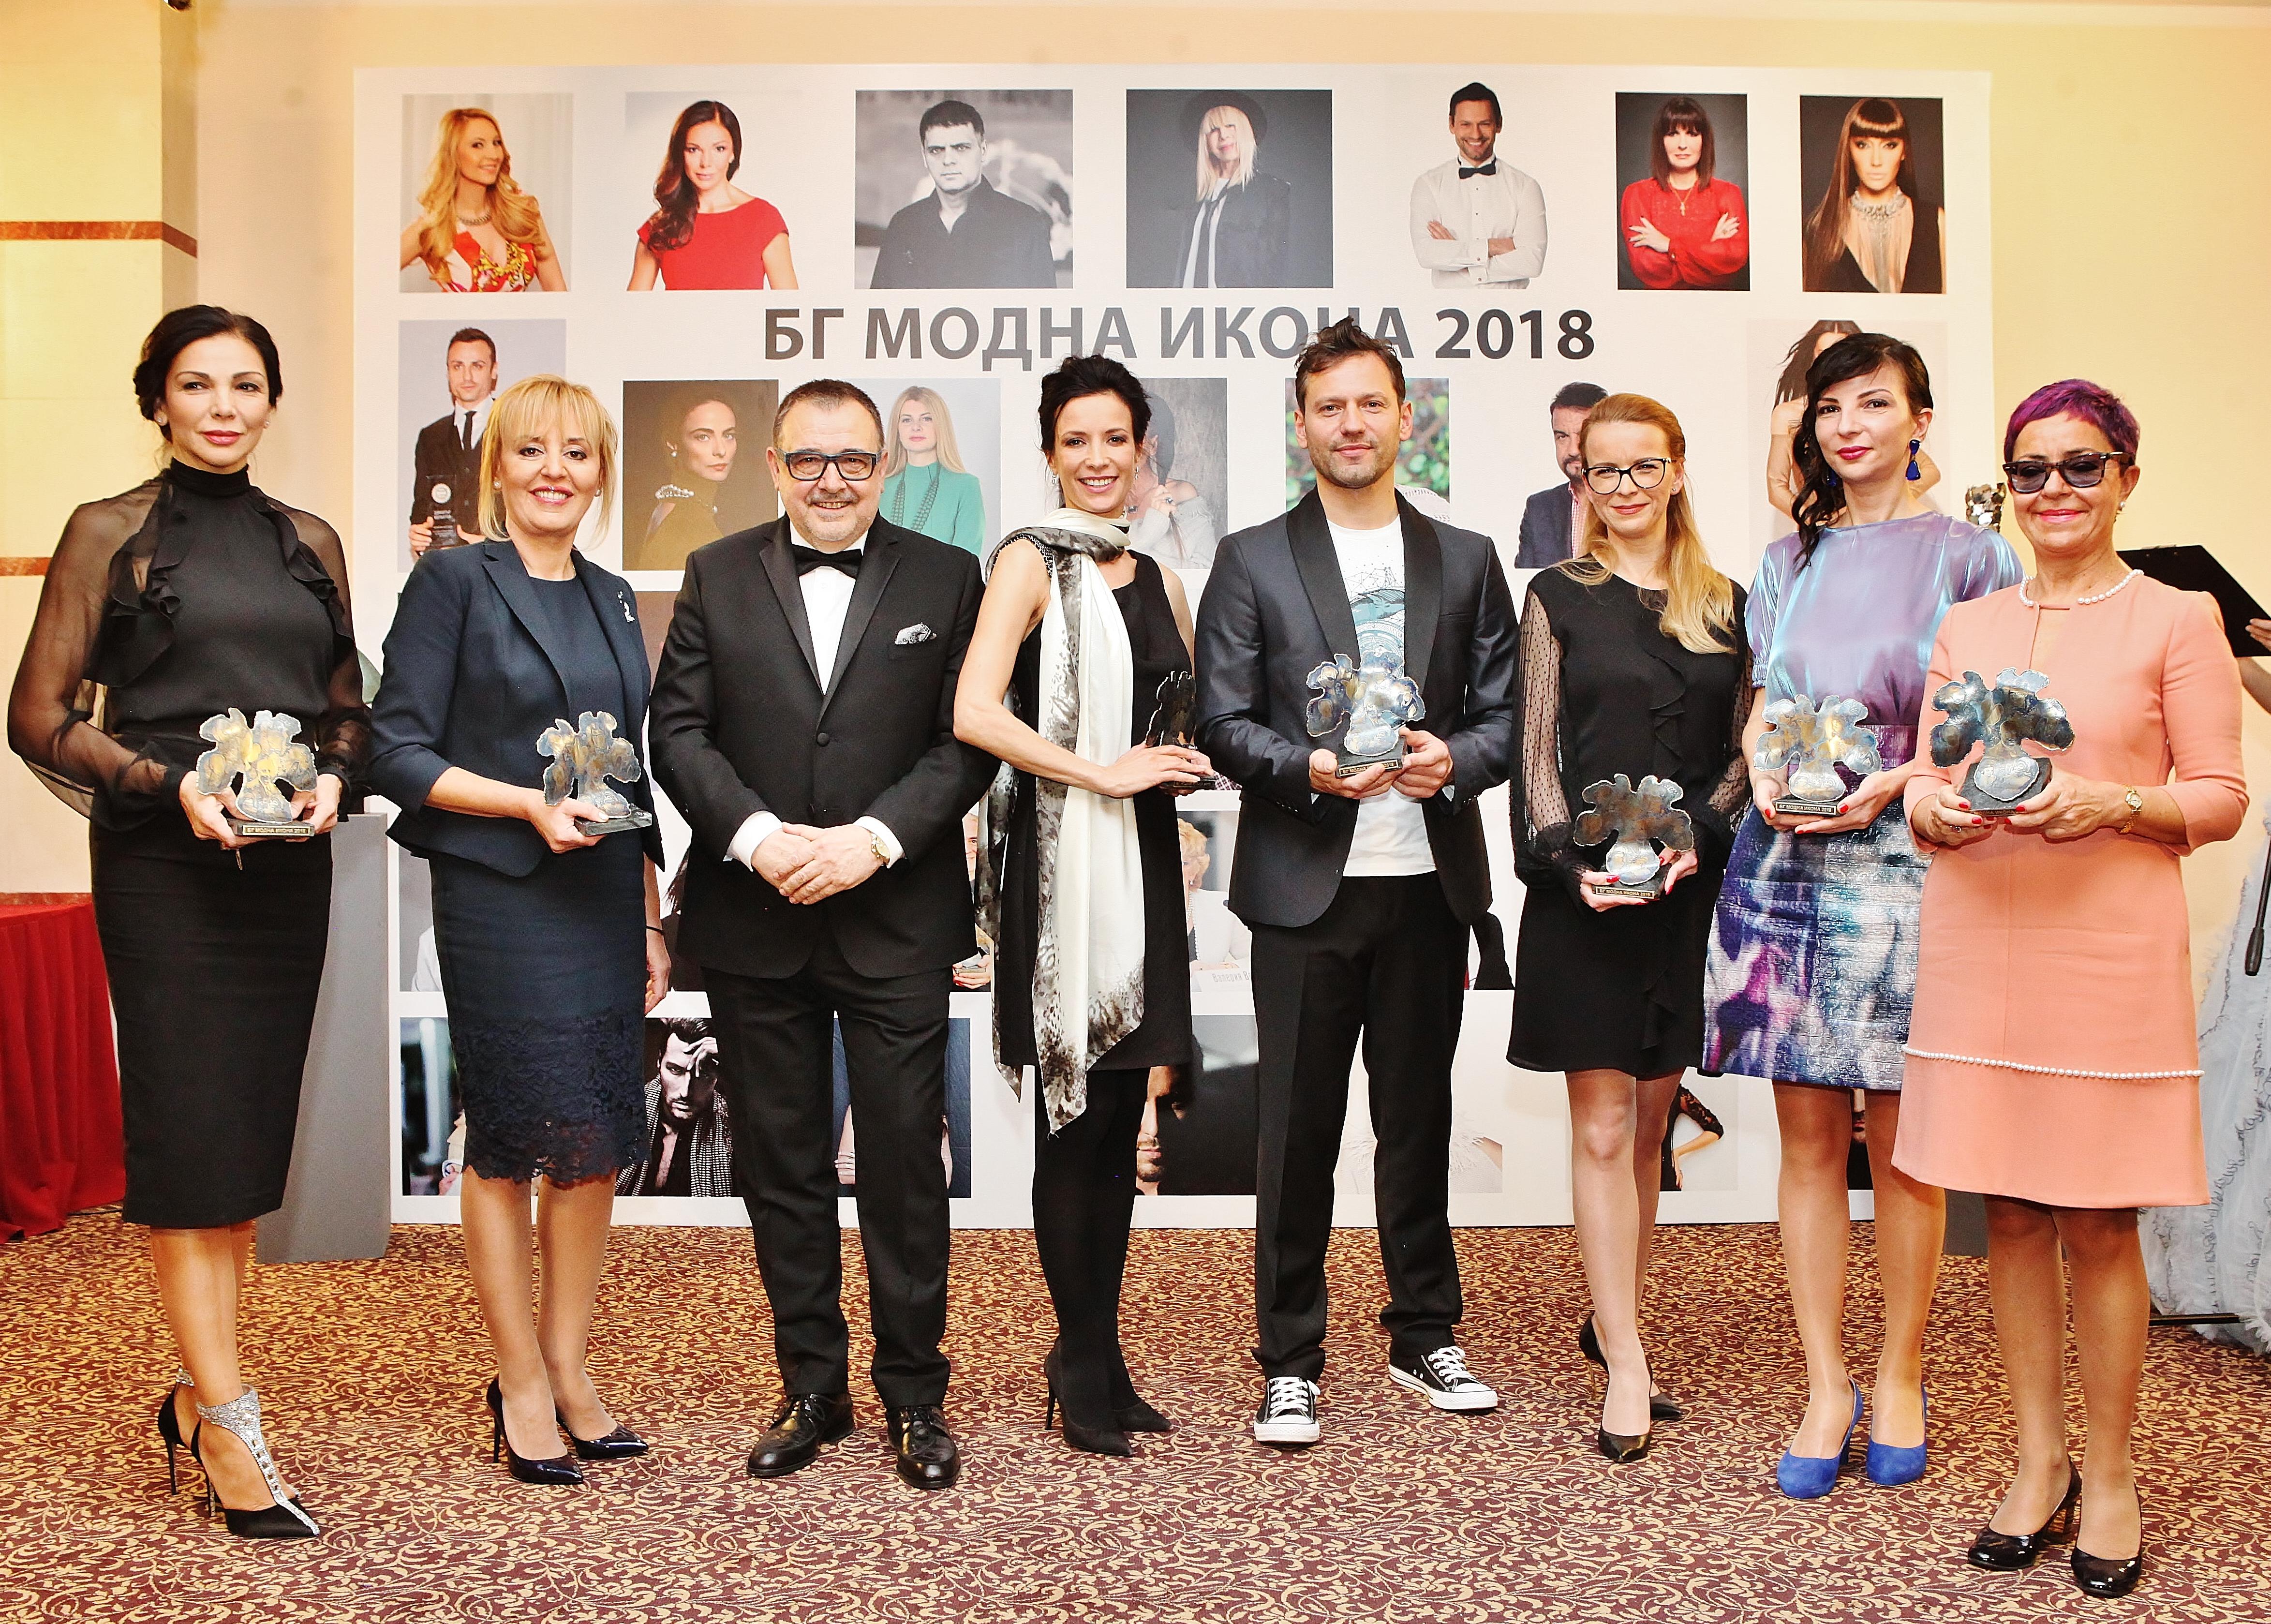 Академията за мода с председател проф. Любомир Стойков отличи за десета поредна година най-елегантните и успешни българи.